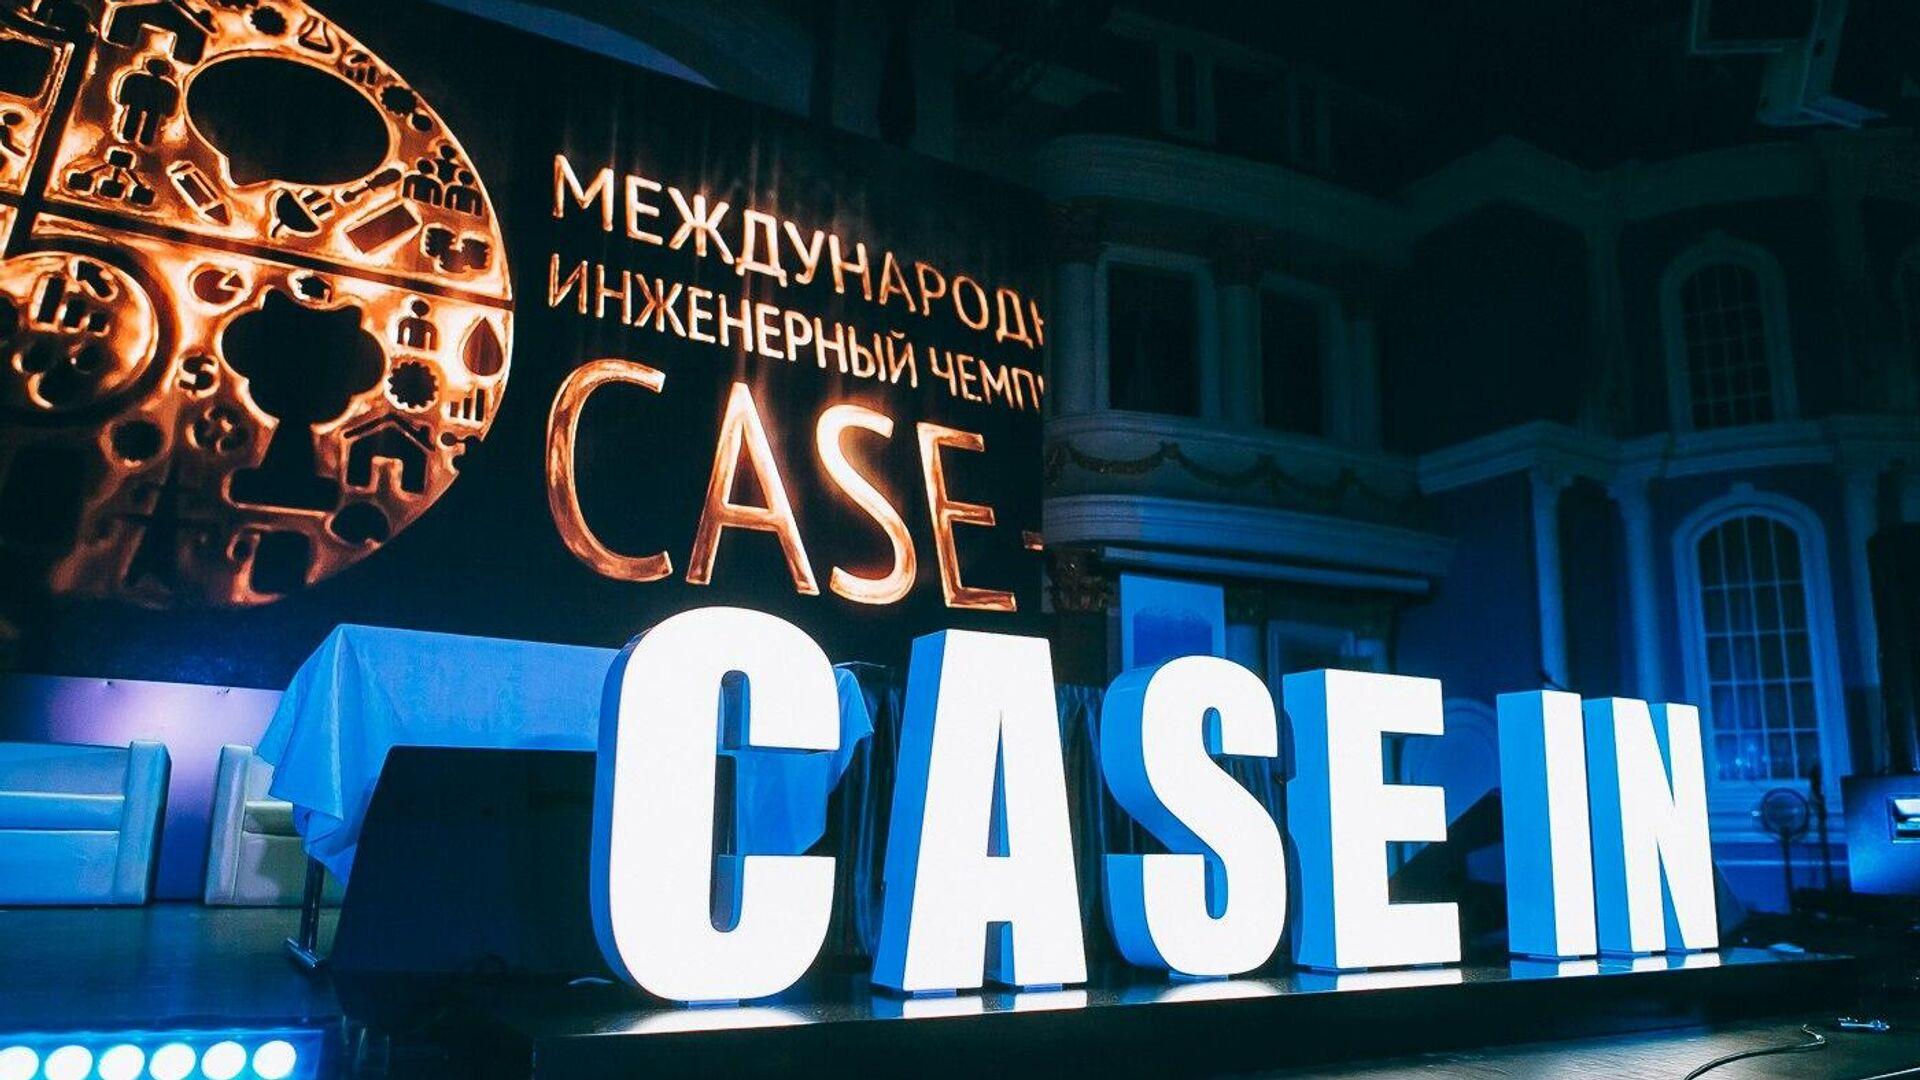 Международный инженерный чемпионат CASE-IN - РИА Новости, 1920, 02.06.2021